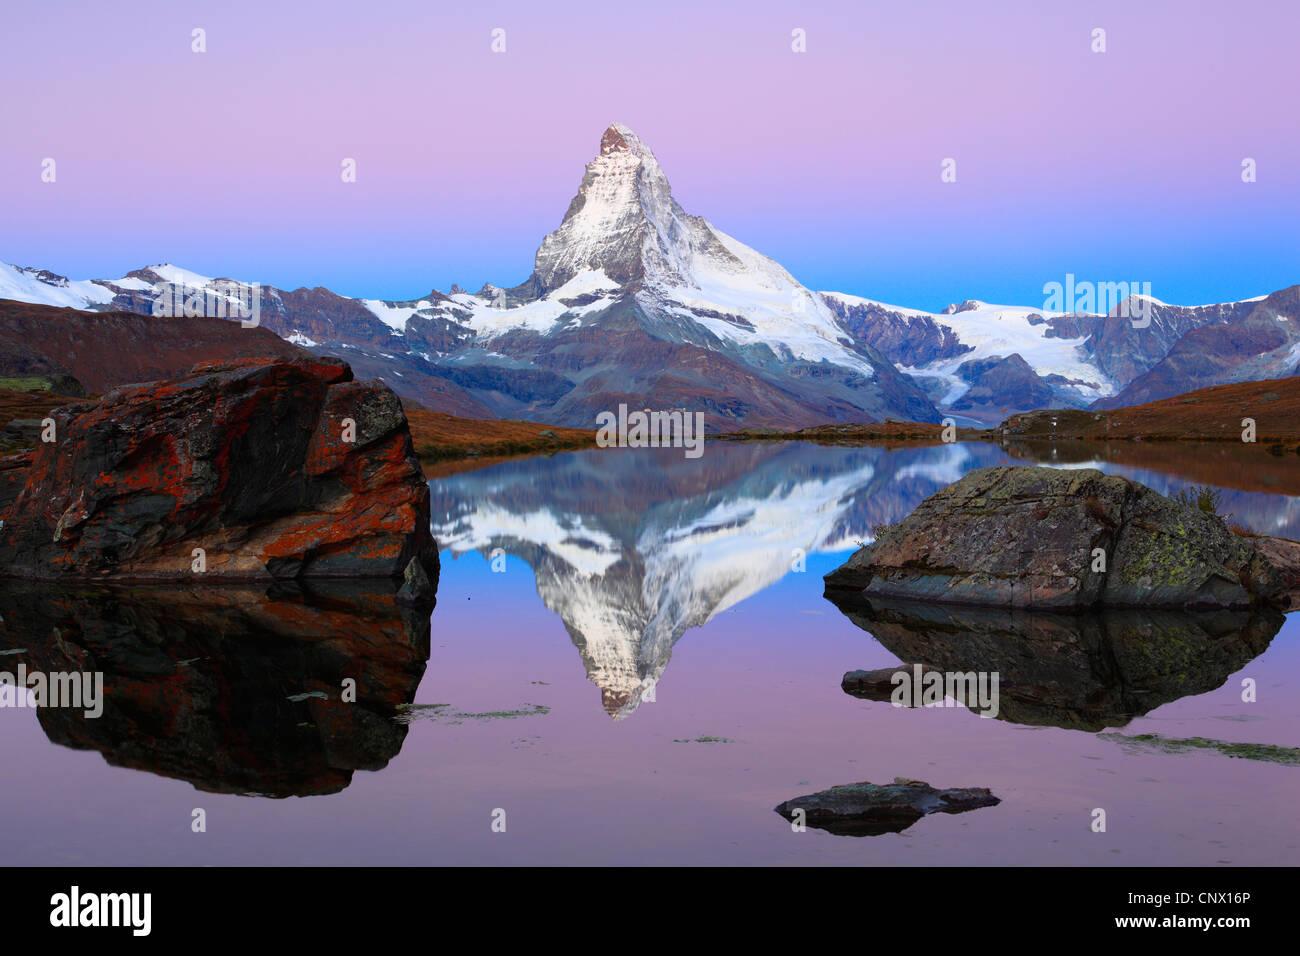 Blick auf das Matterhorn aus einem Bergsee, Schweiz, Wallis Stockfoto